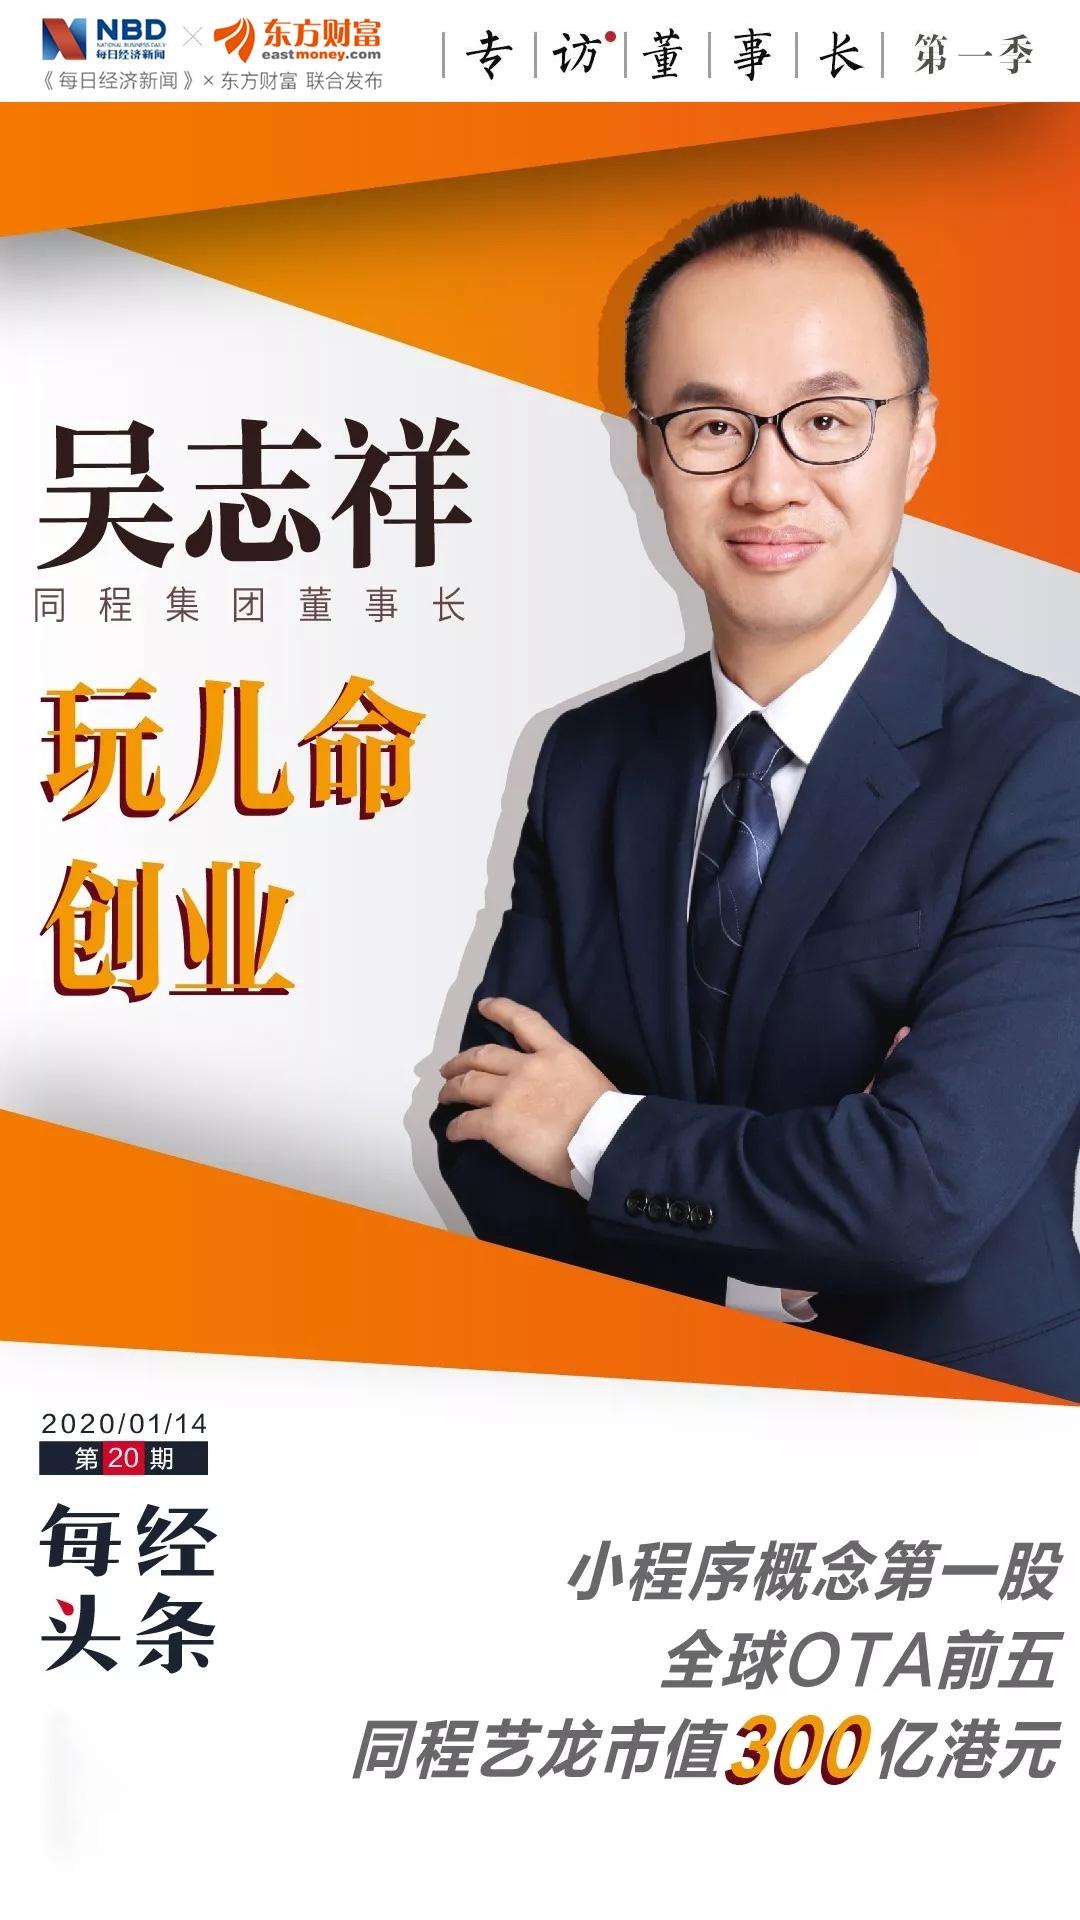 同程董事长_同程艺龙上半年净利4.6亿较2019年增长56%,联席董事长7月套现...